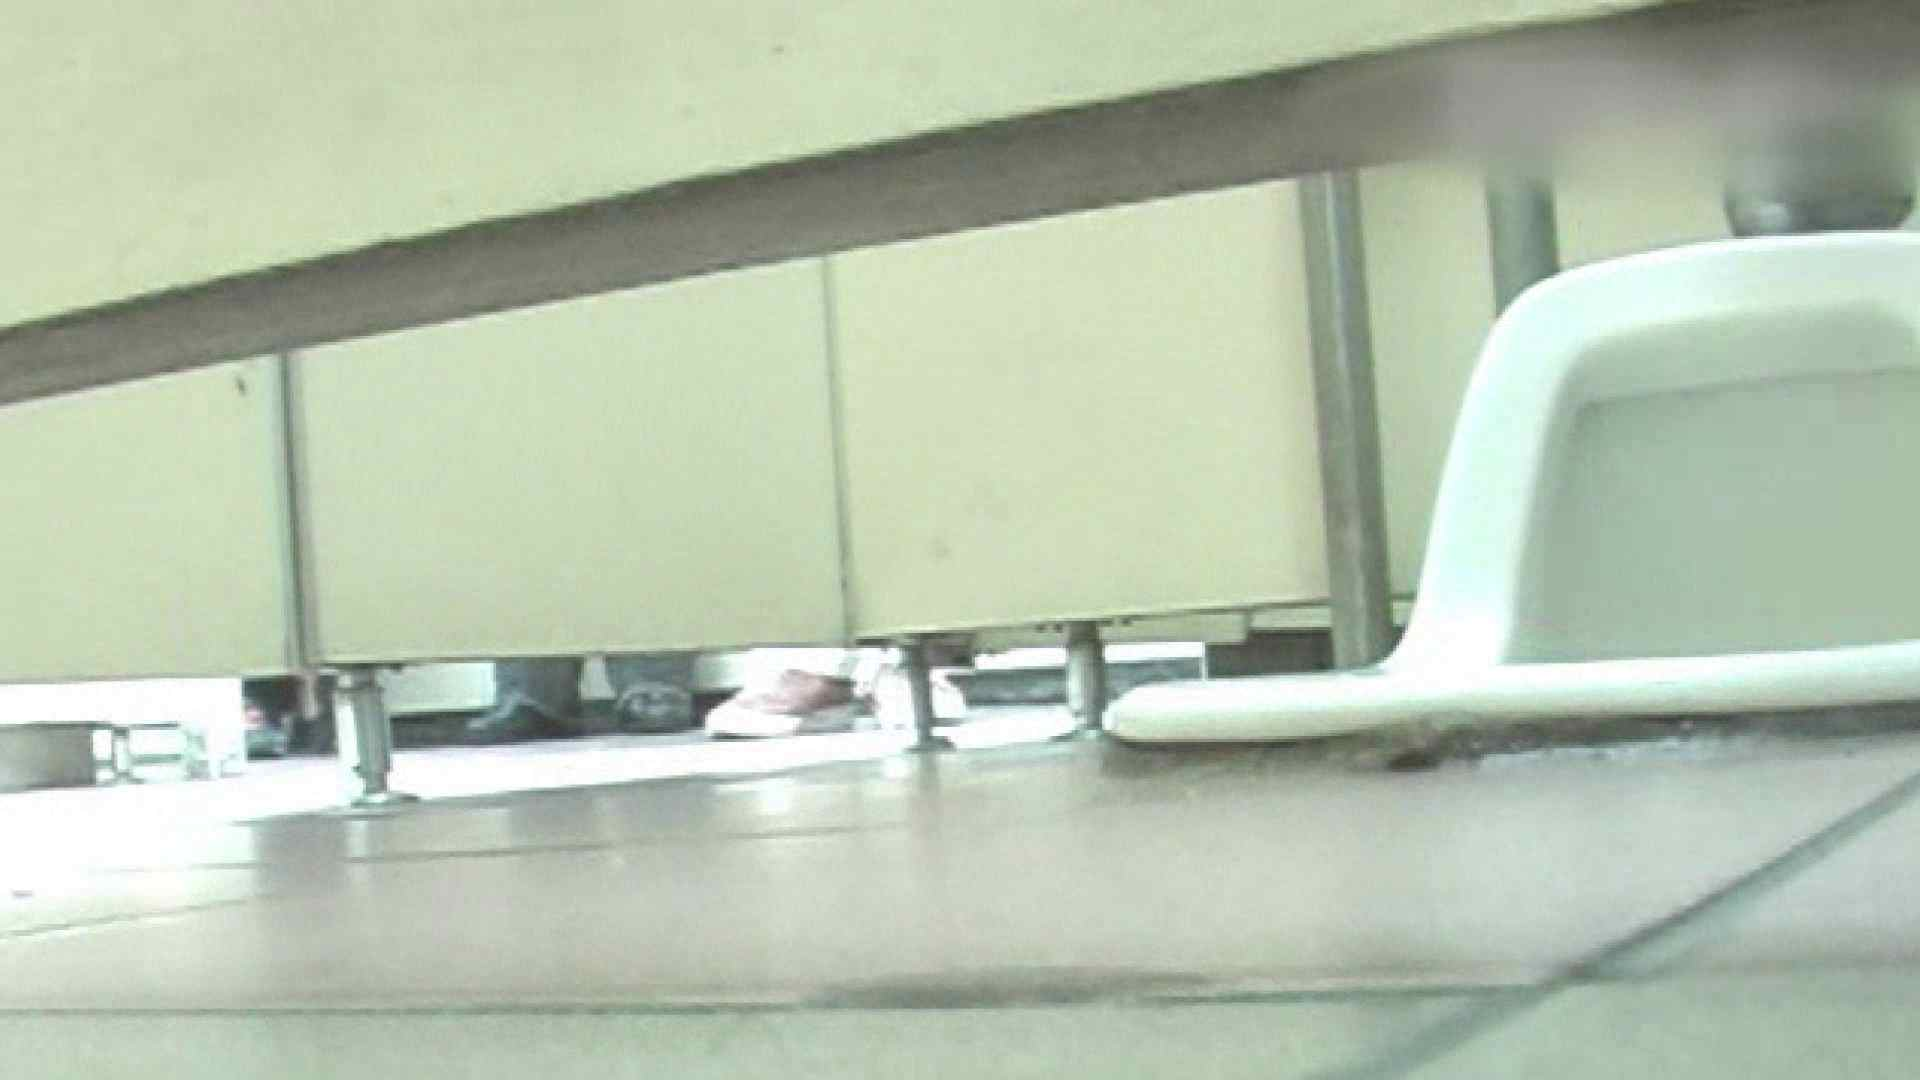 ロックハンドさんの盗撮記録File.11 マンコ・ムレムレ ぱこり動画紹介 102pic 92